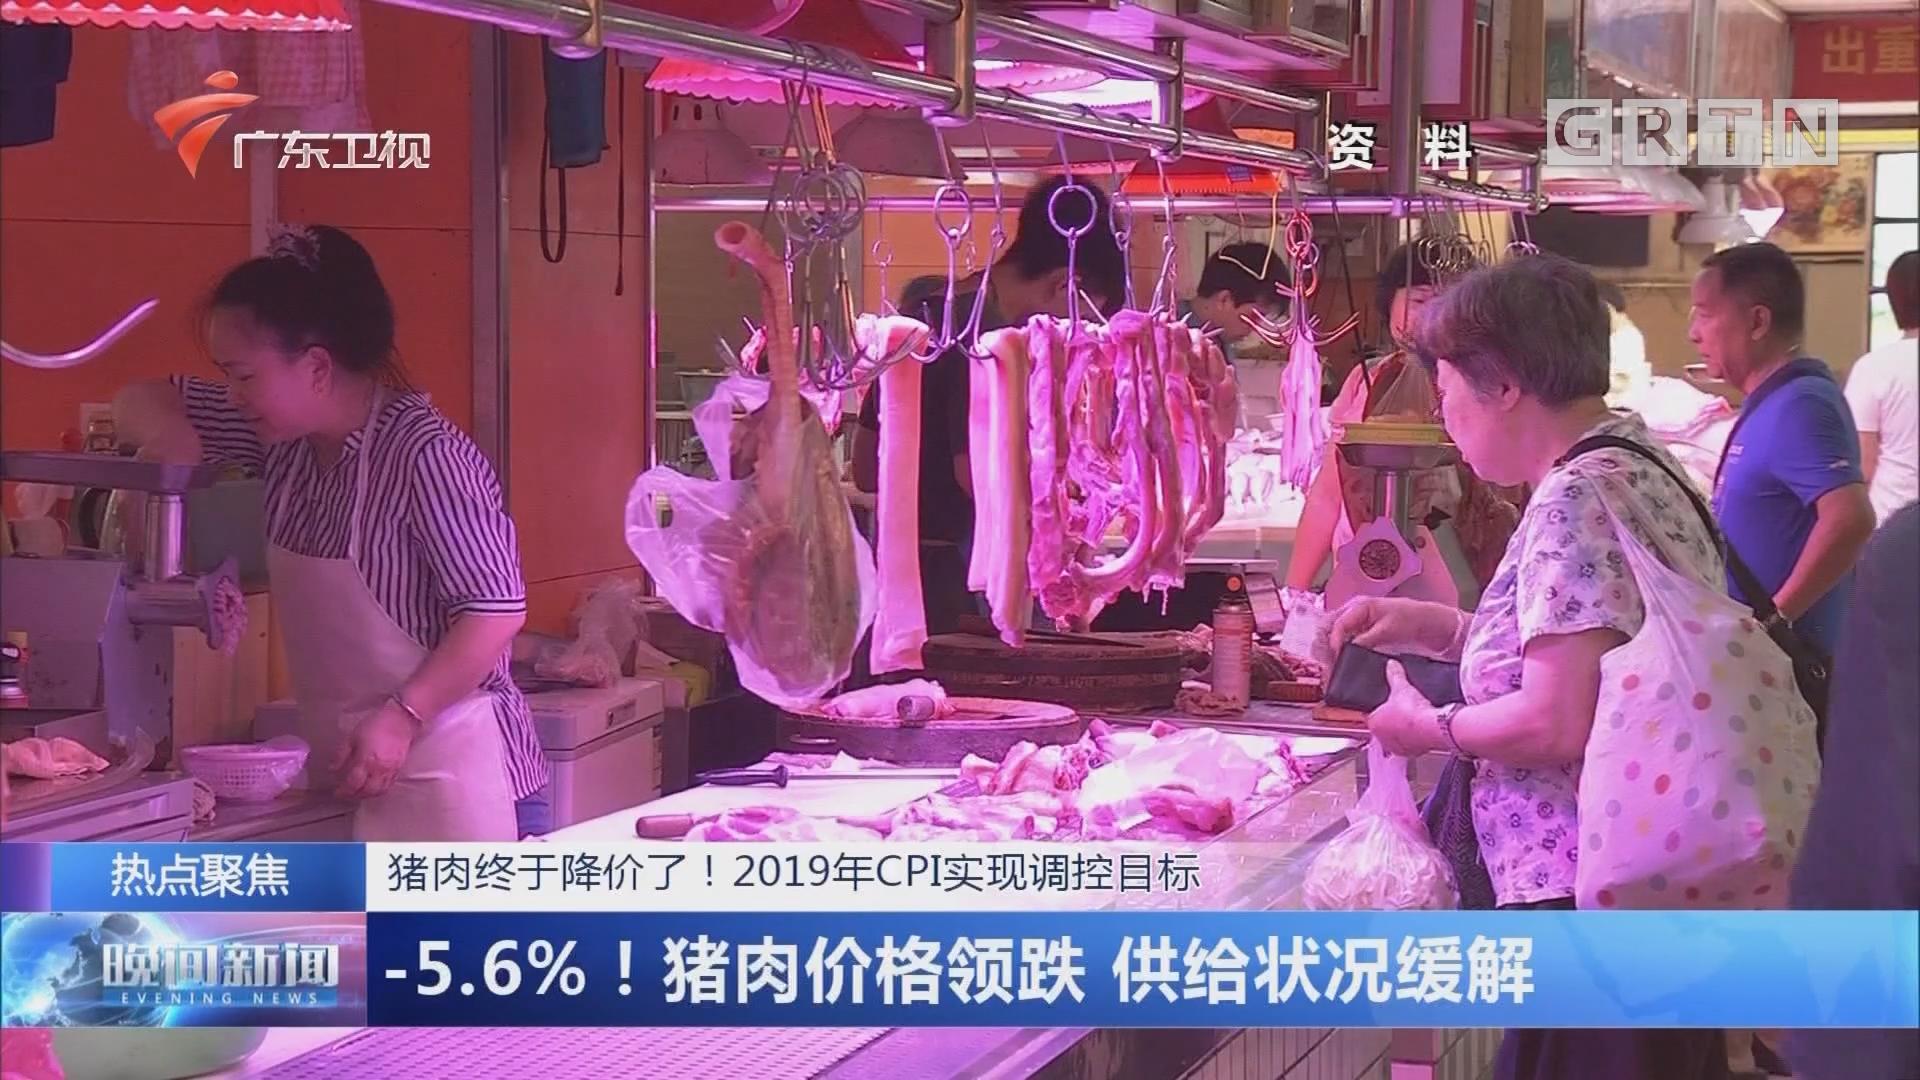 猪肉终于降价了!2019年CPI实现调控目标:-5.6%!猪肉价格领跌 供给状况缓解